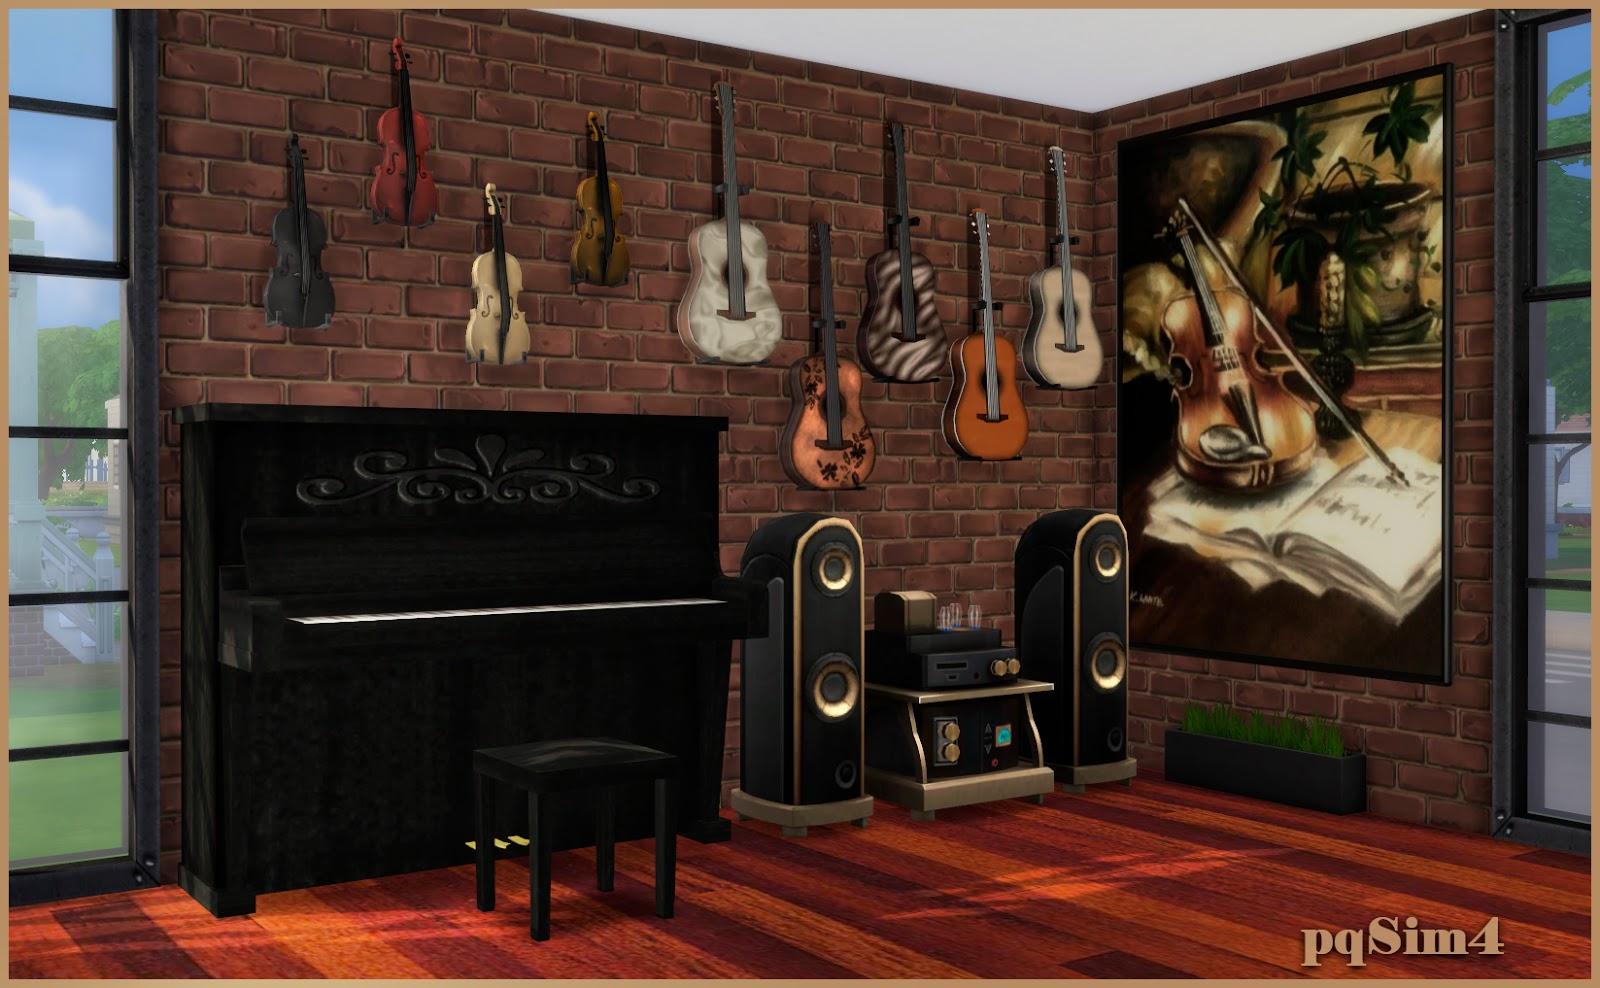 Sala de m sica cleo sims 4 custom content for Sala de estar the sims 4